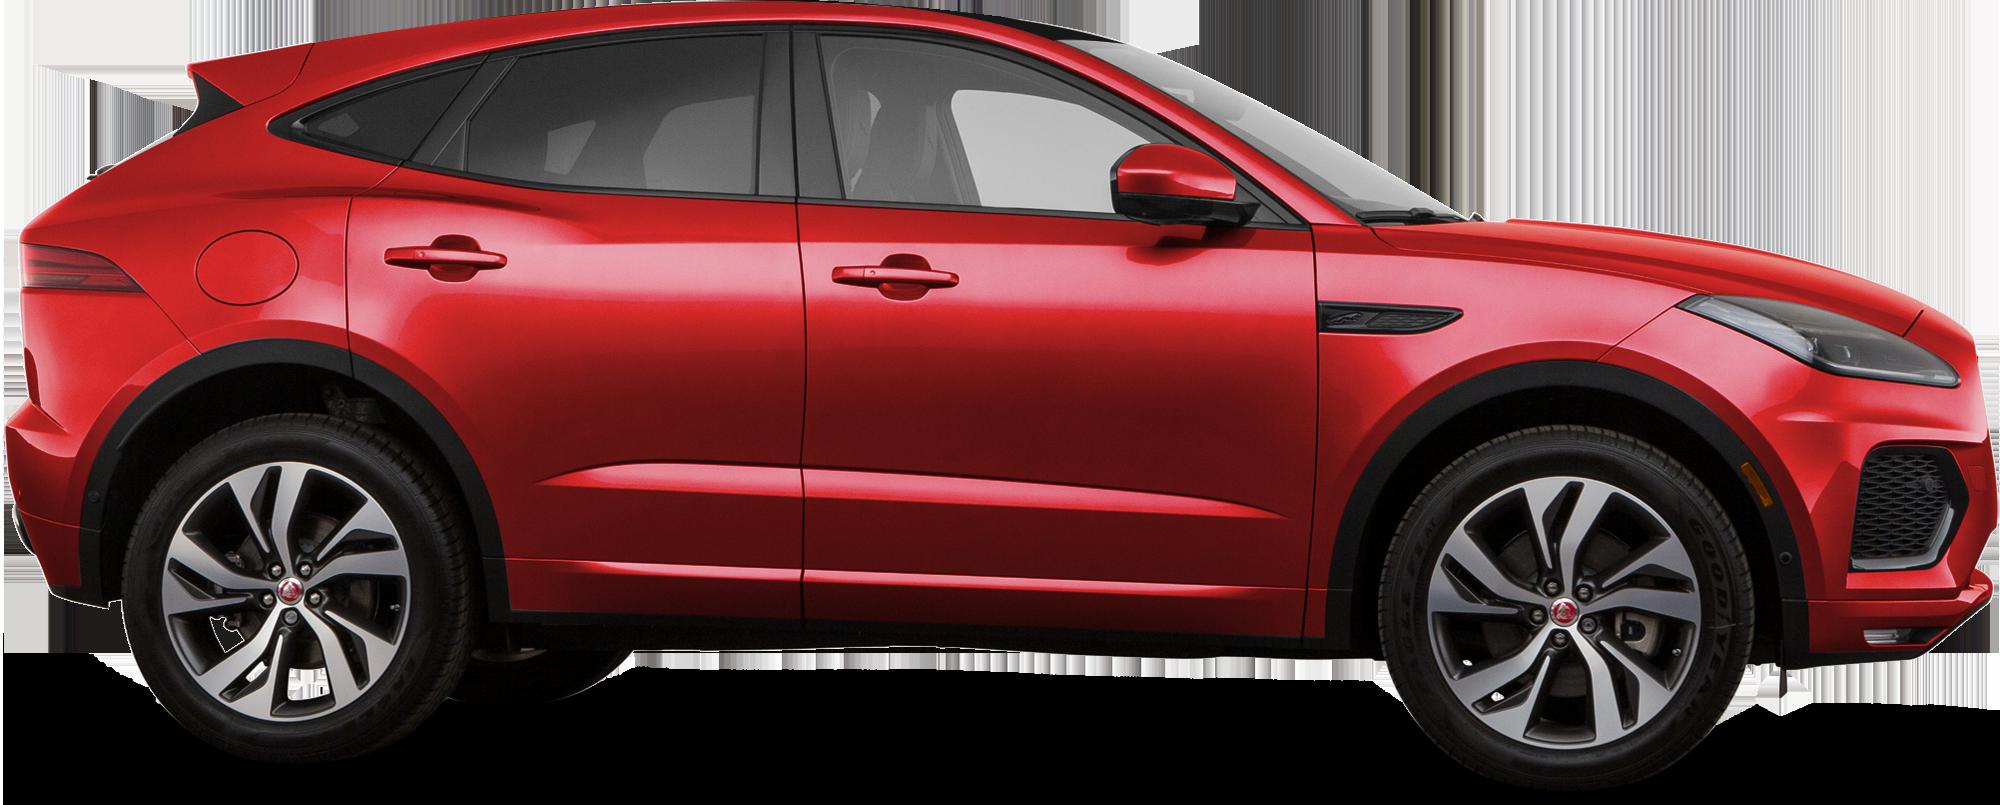 2022 Jaguar E-PACE SUV 300 Sport